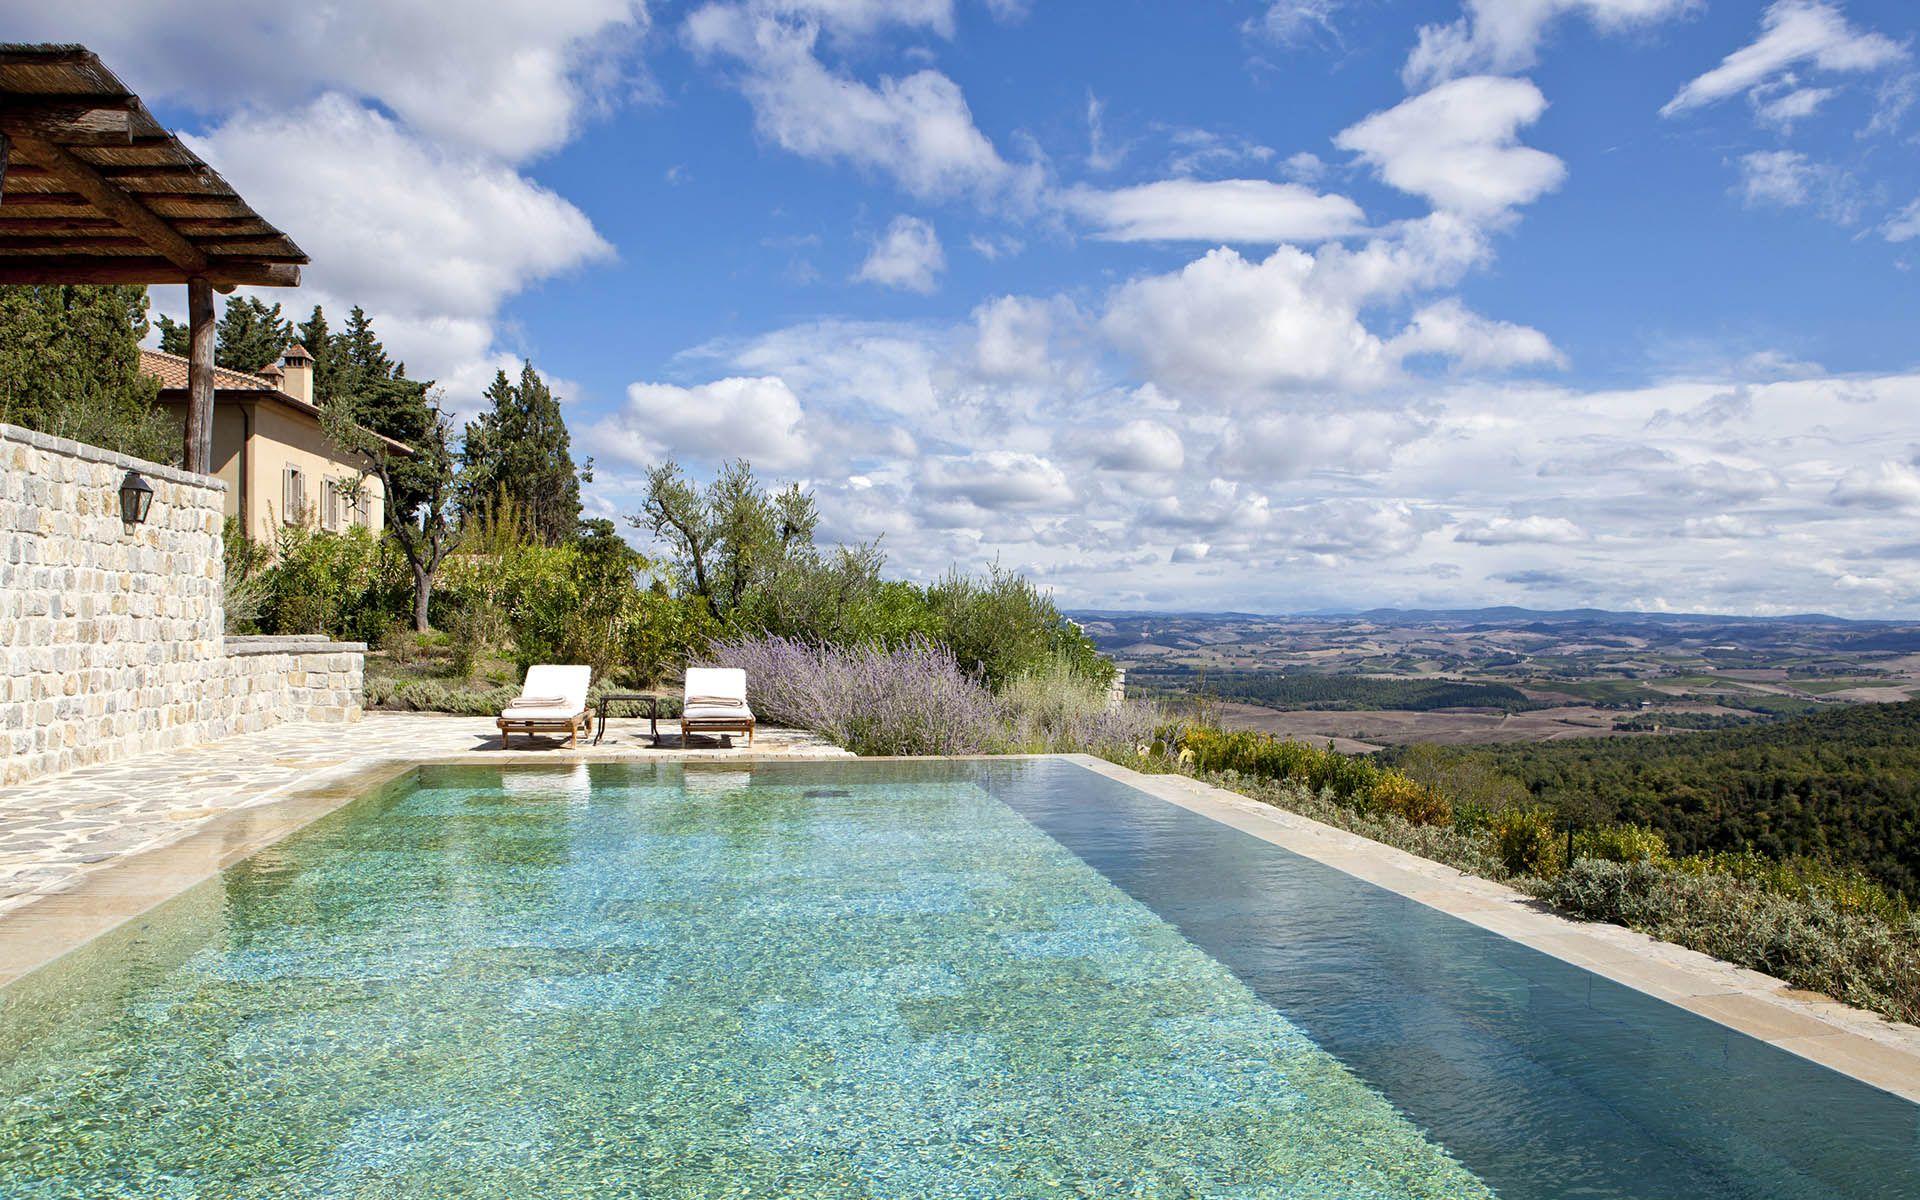 Best Kitchen Gallery: Luxury Villa Villa Oliviera Tuscany Italy Europe Photo 8967 of Luxury Villas Tuscany  on rachelxblog.com